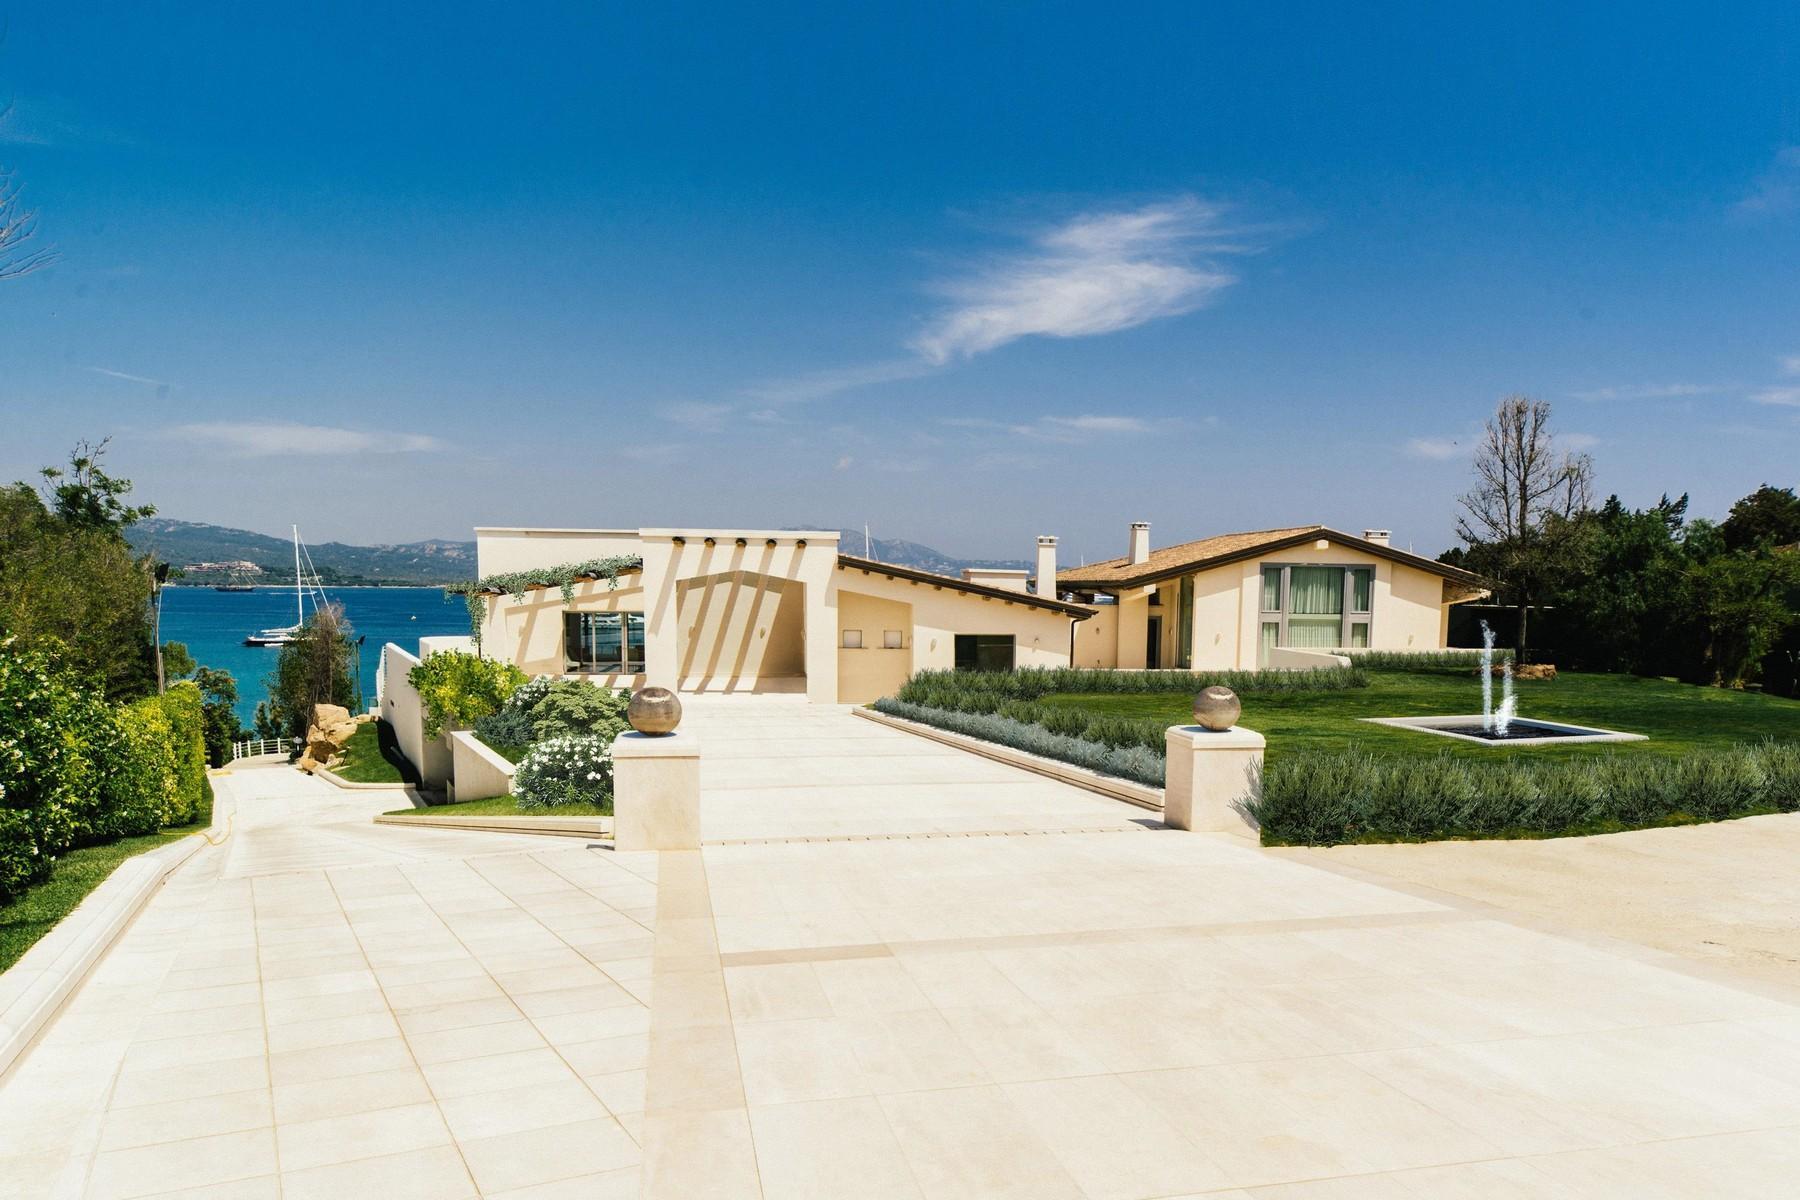 Meravigliosa villa sul mare in Costa Smeralda - 30